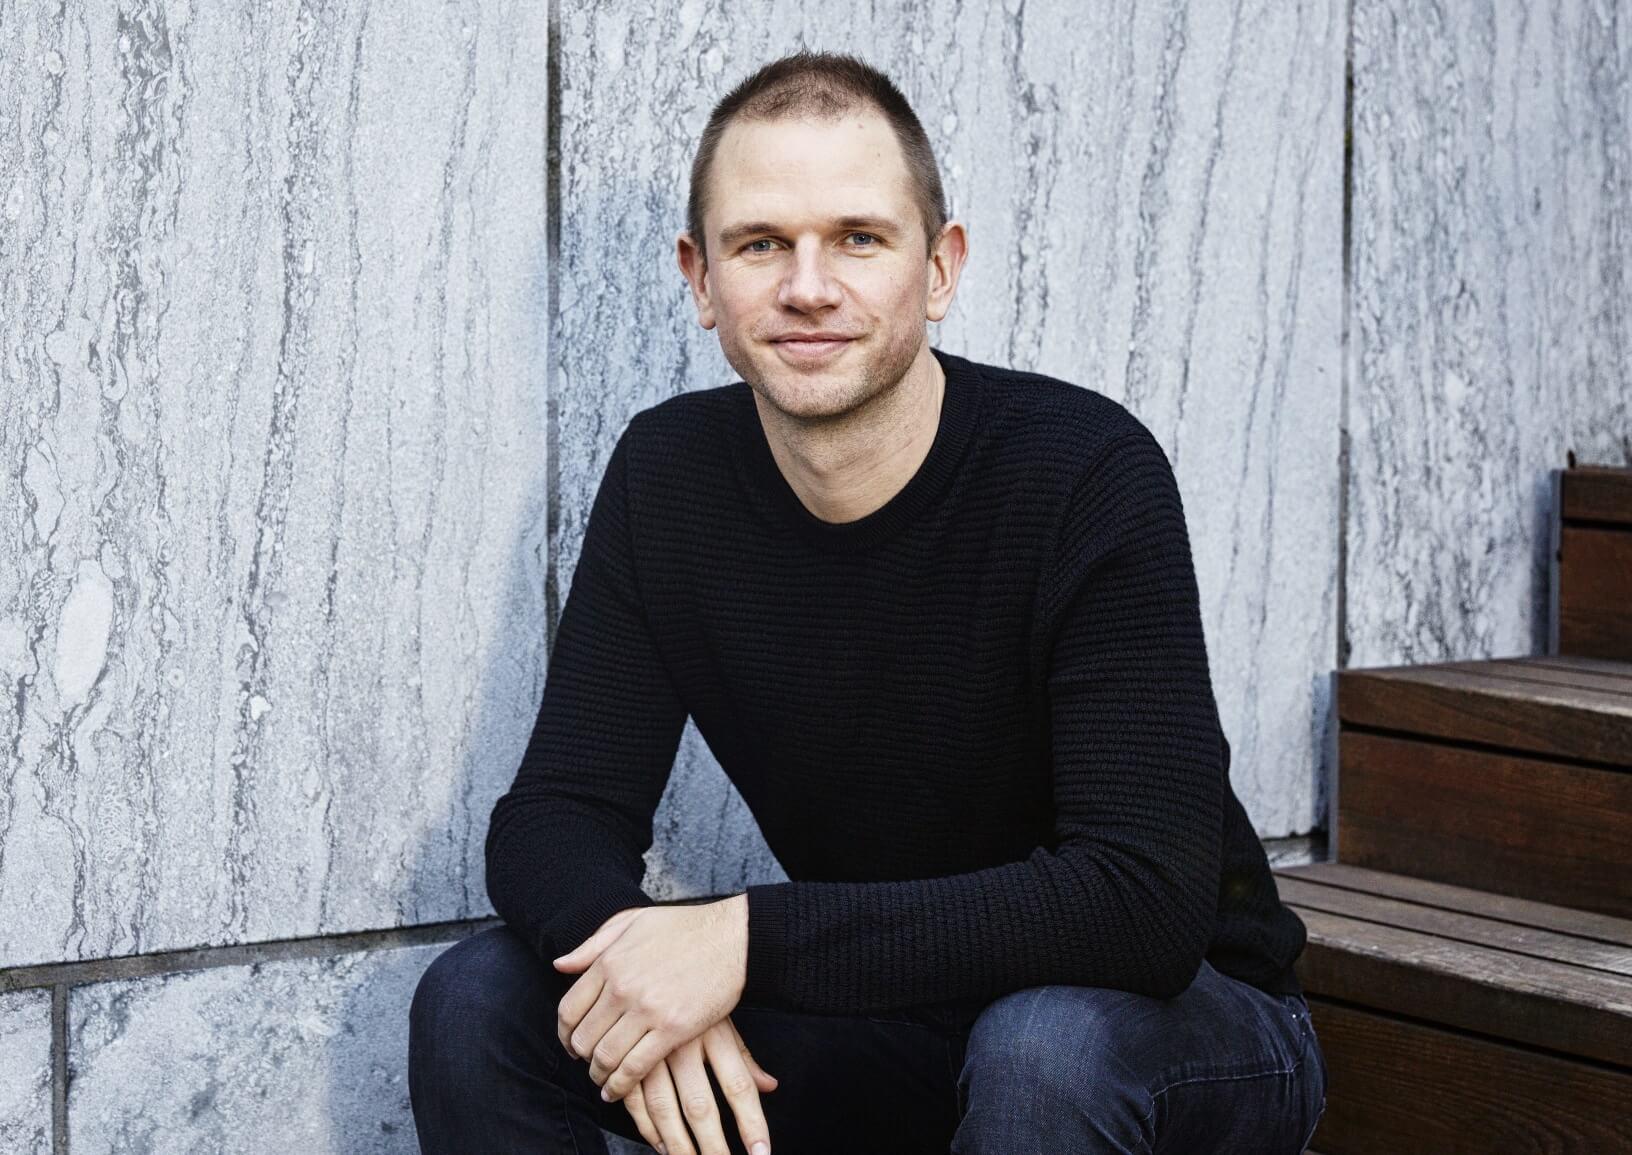 Eric Ziengs